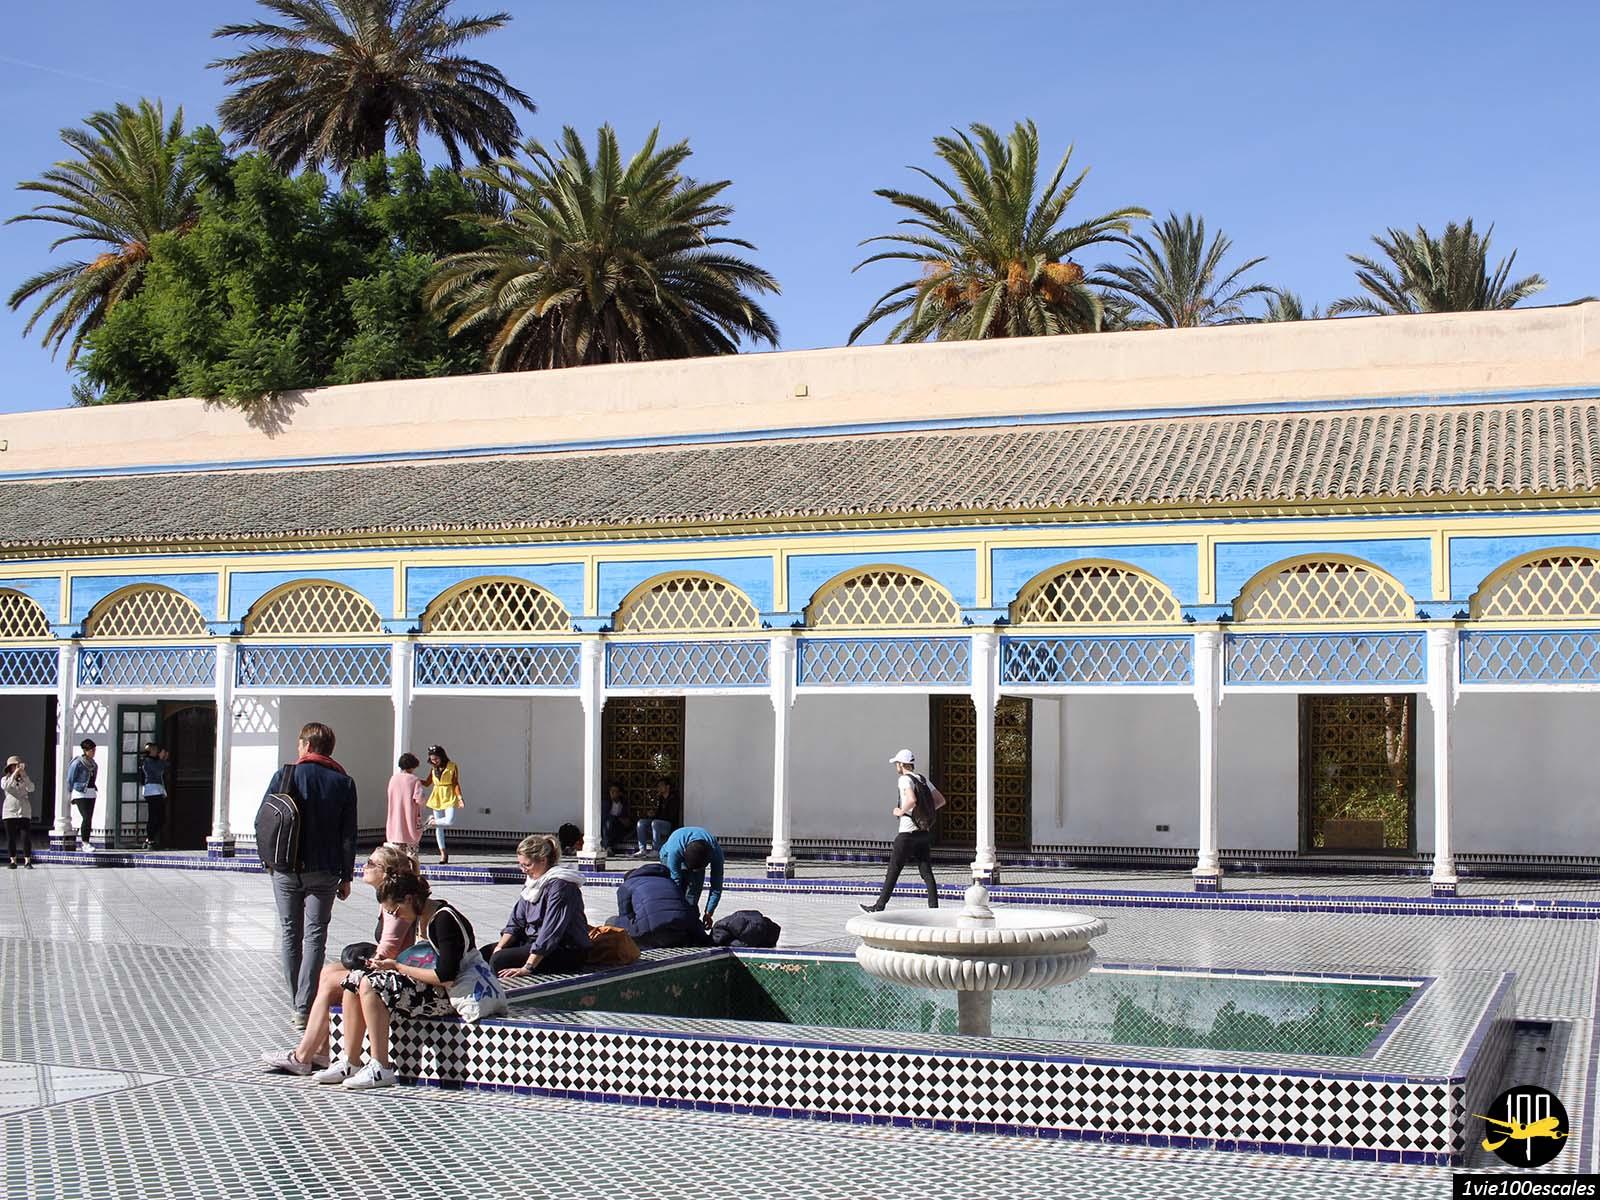 La grande cours du Palais Bahia de Marrakech au maroc